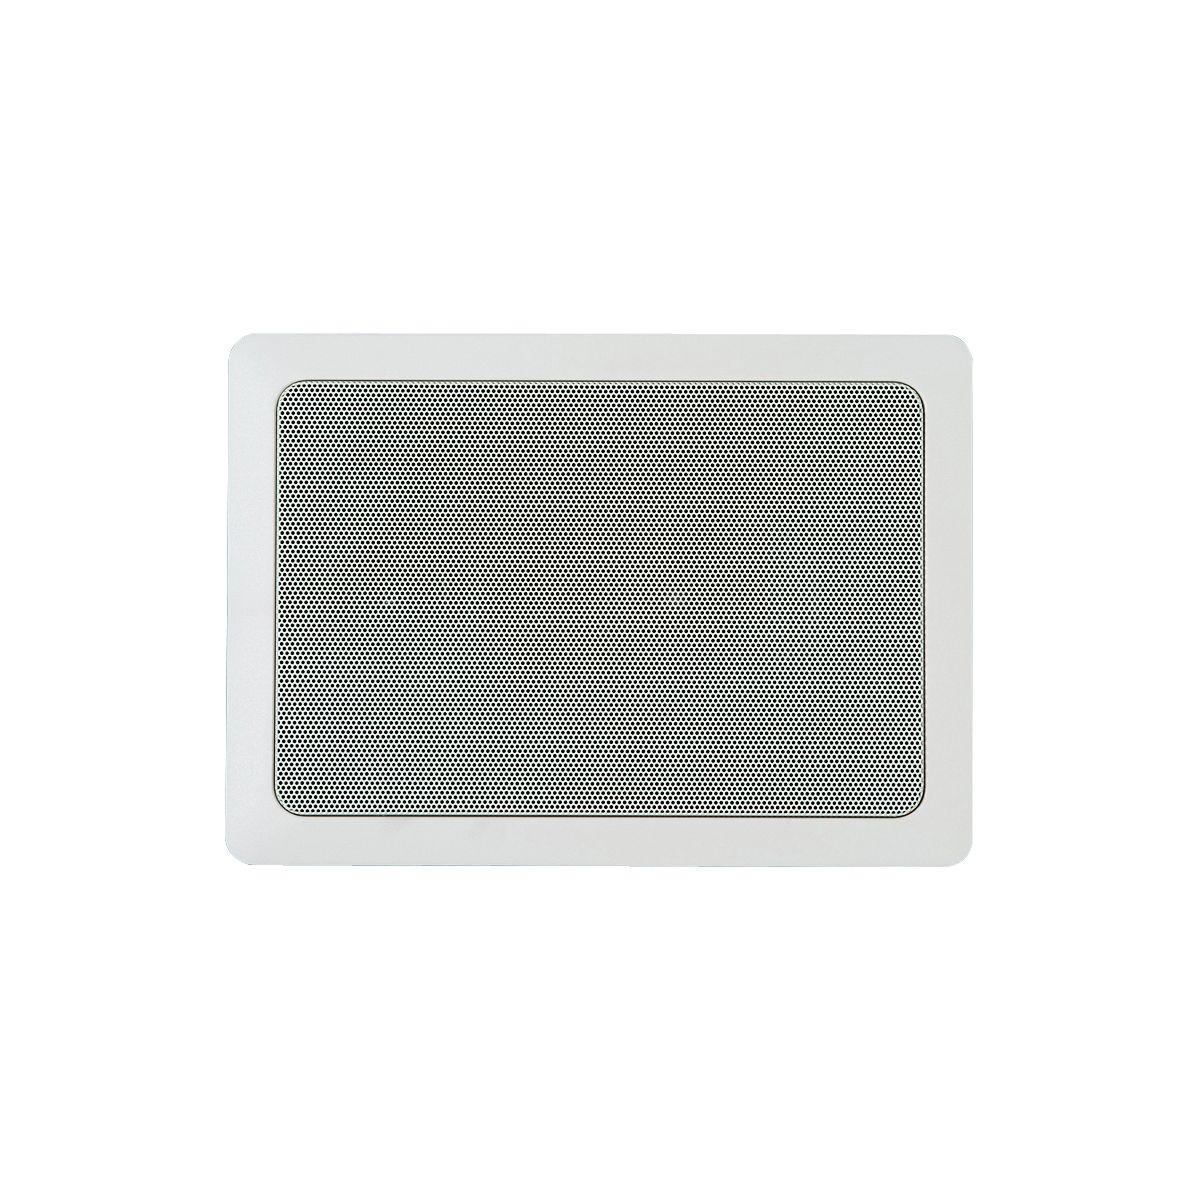 Enceinte encastrable davis 100 re blanc - livraison offerte : code premium (photo)